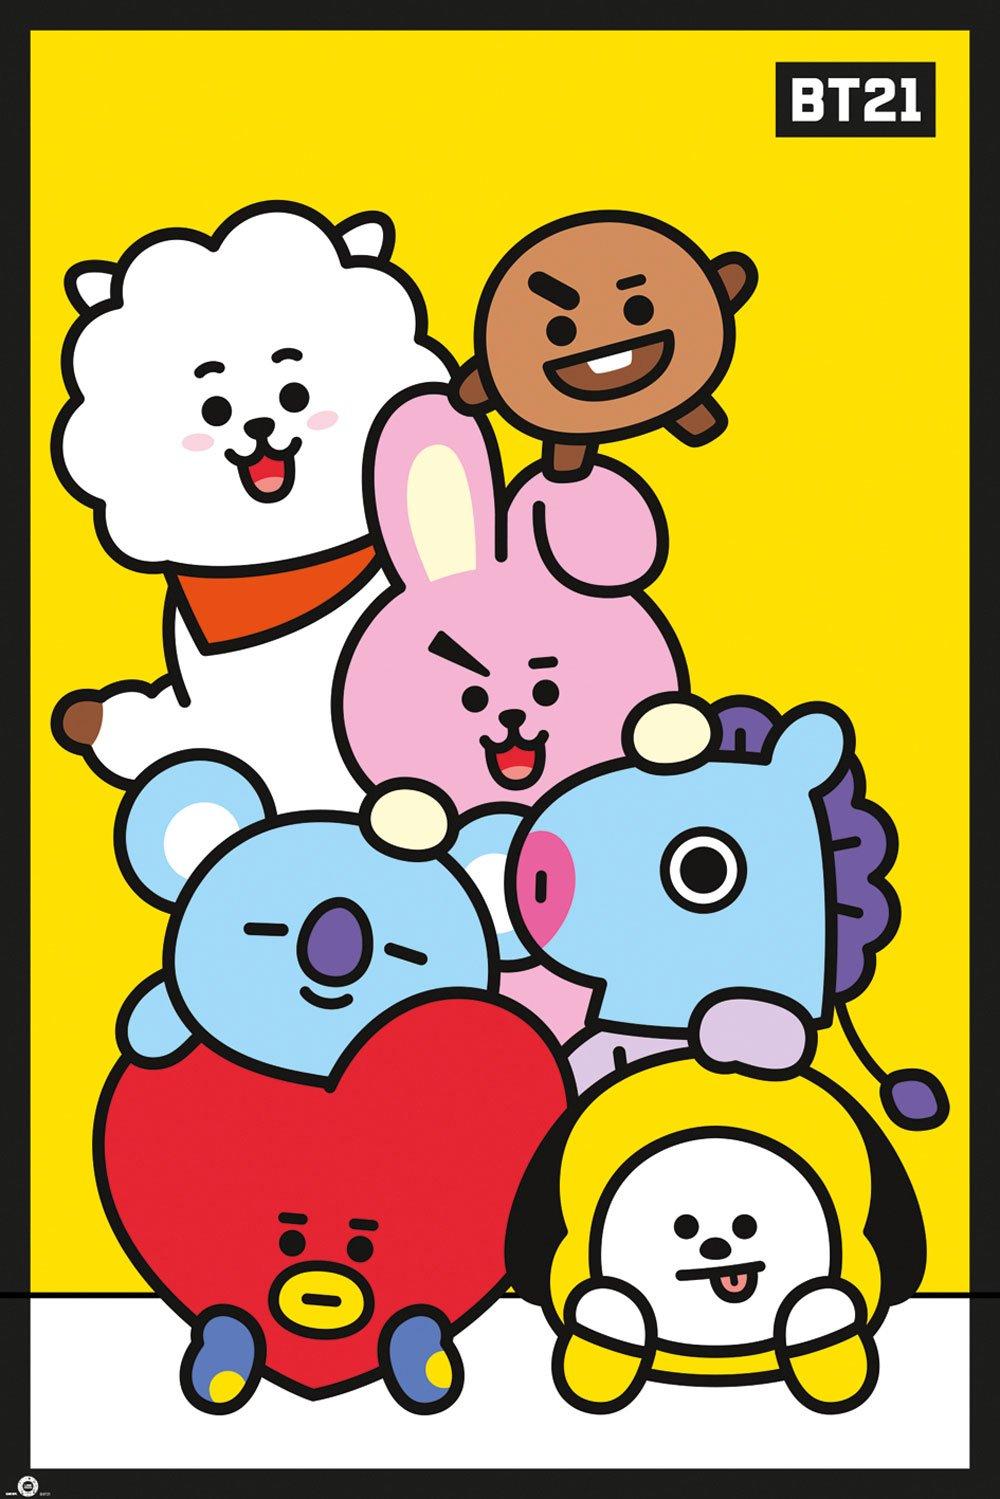 BT21 Poster Pack Pileup 61 x 91 cm (5)